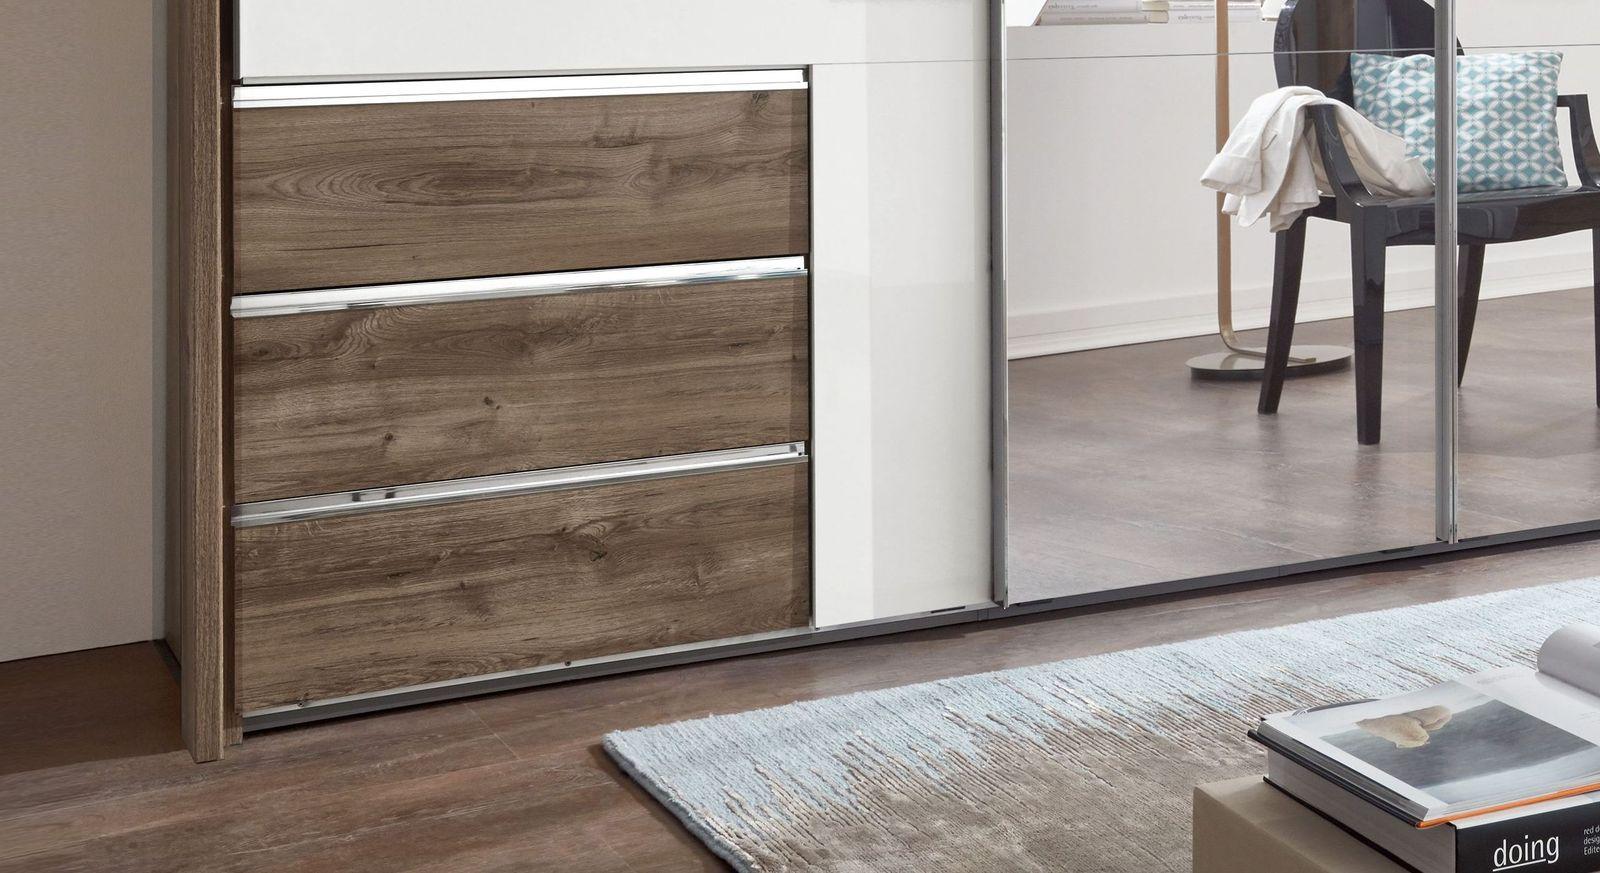 spiegel kleiderschrank mit hochglanz t ren und schubladen. Black Bedroom Furniture Sets. Home Design Ideas